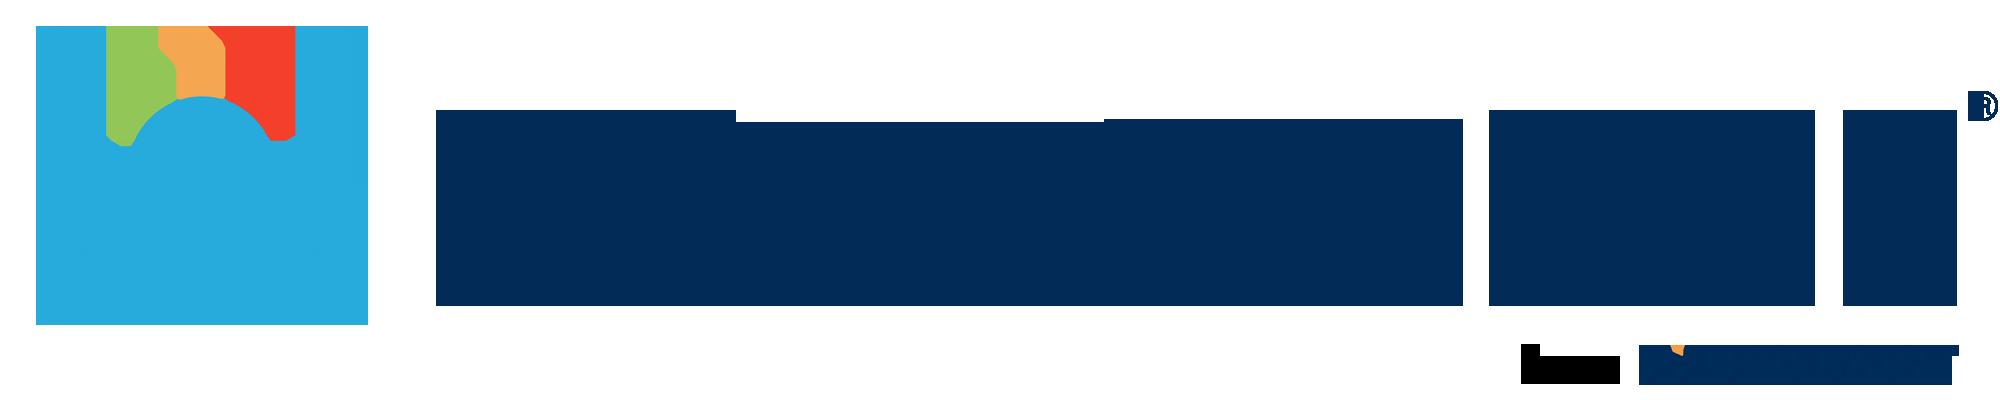 eewee-saas-planforcloud-logo